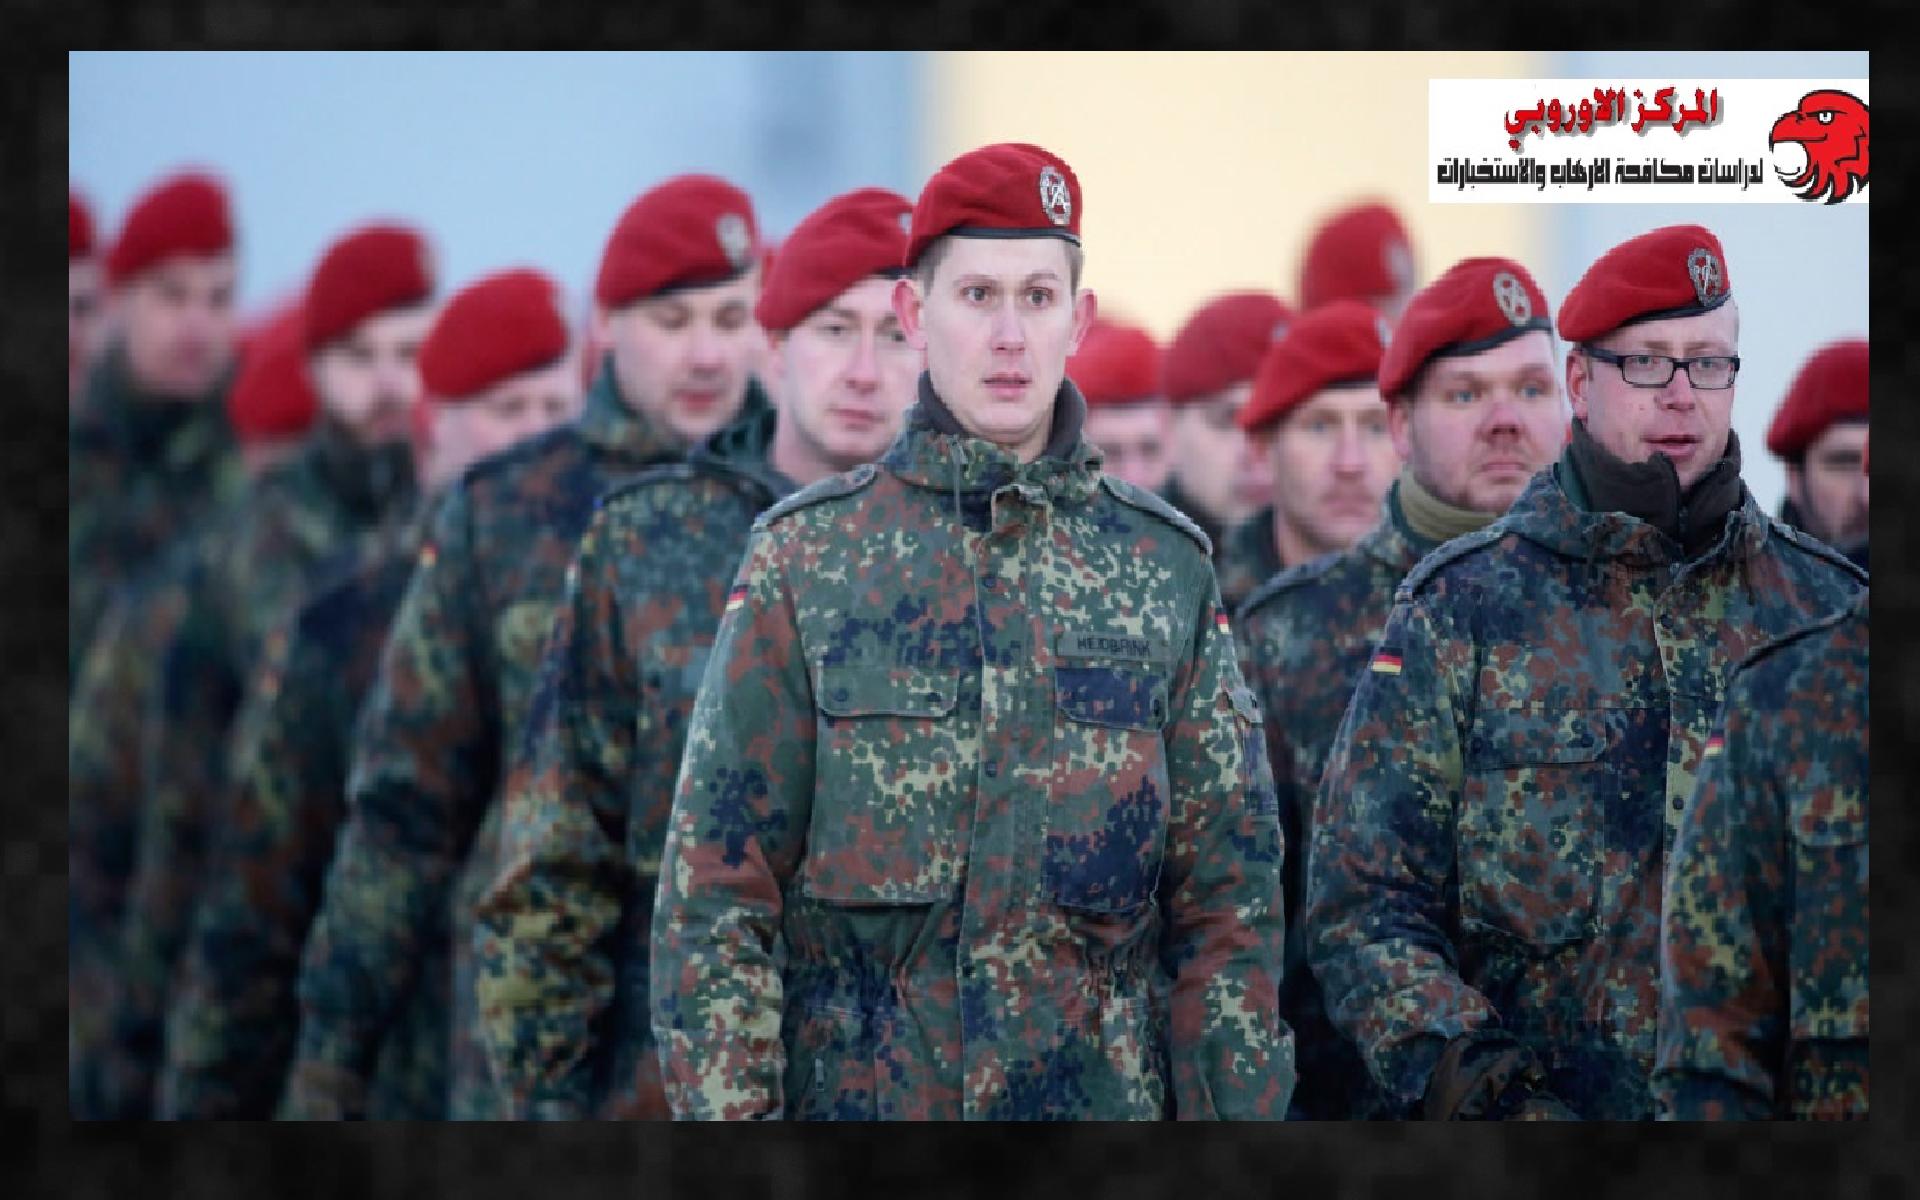 هل أوروبا قادرة على تشكيل جيش موحد بديلا عن الناتو ؟